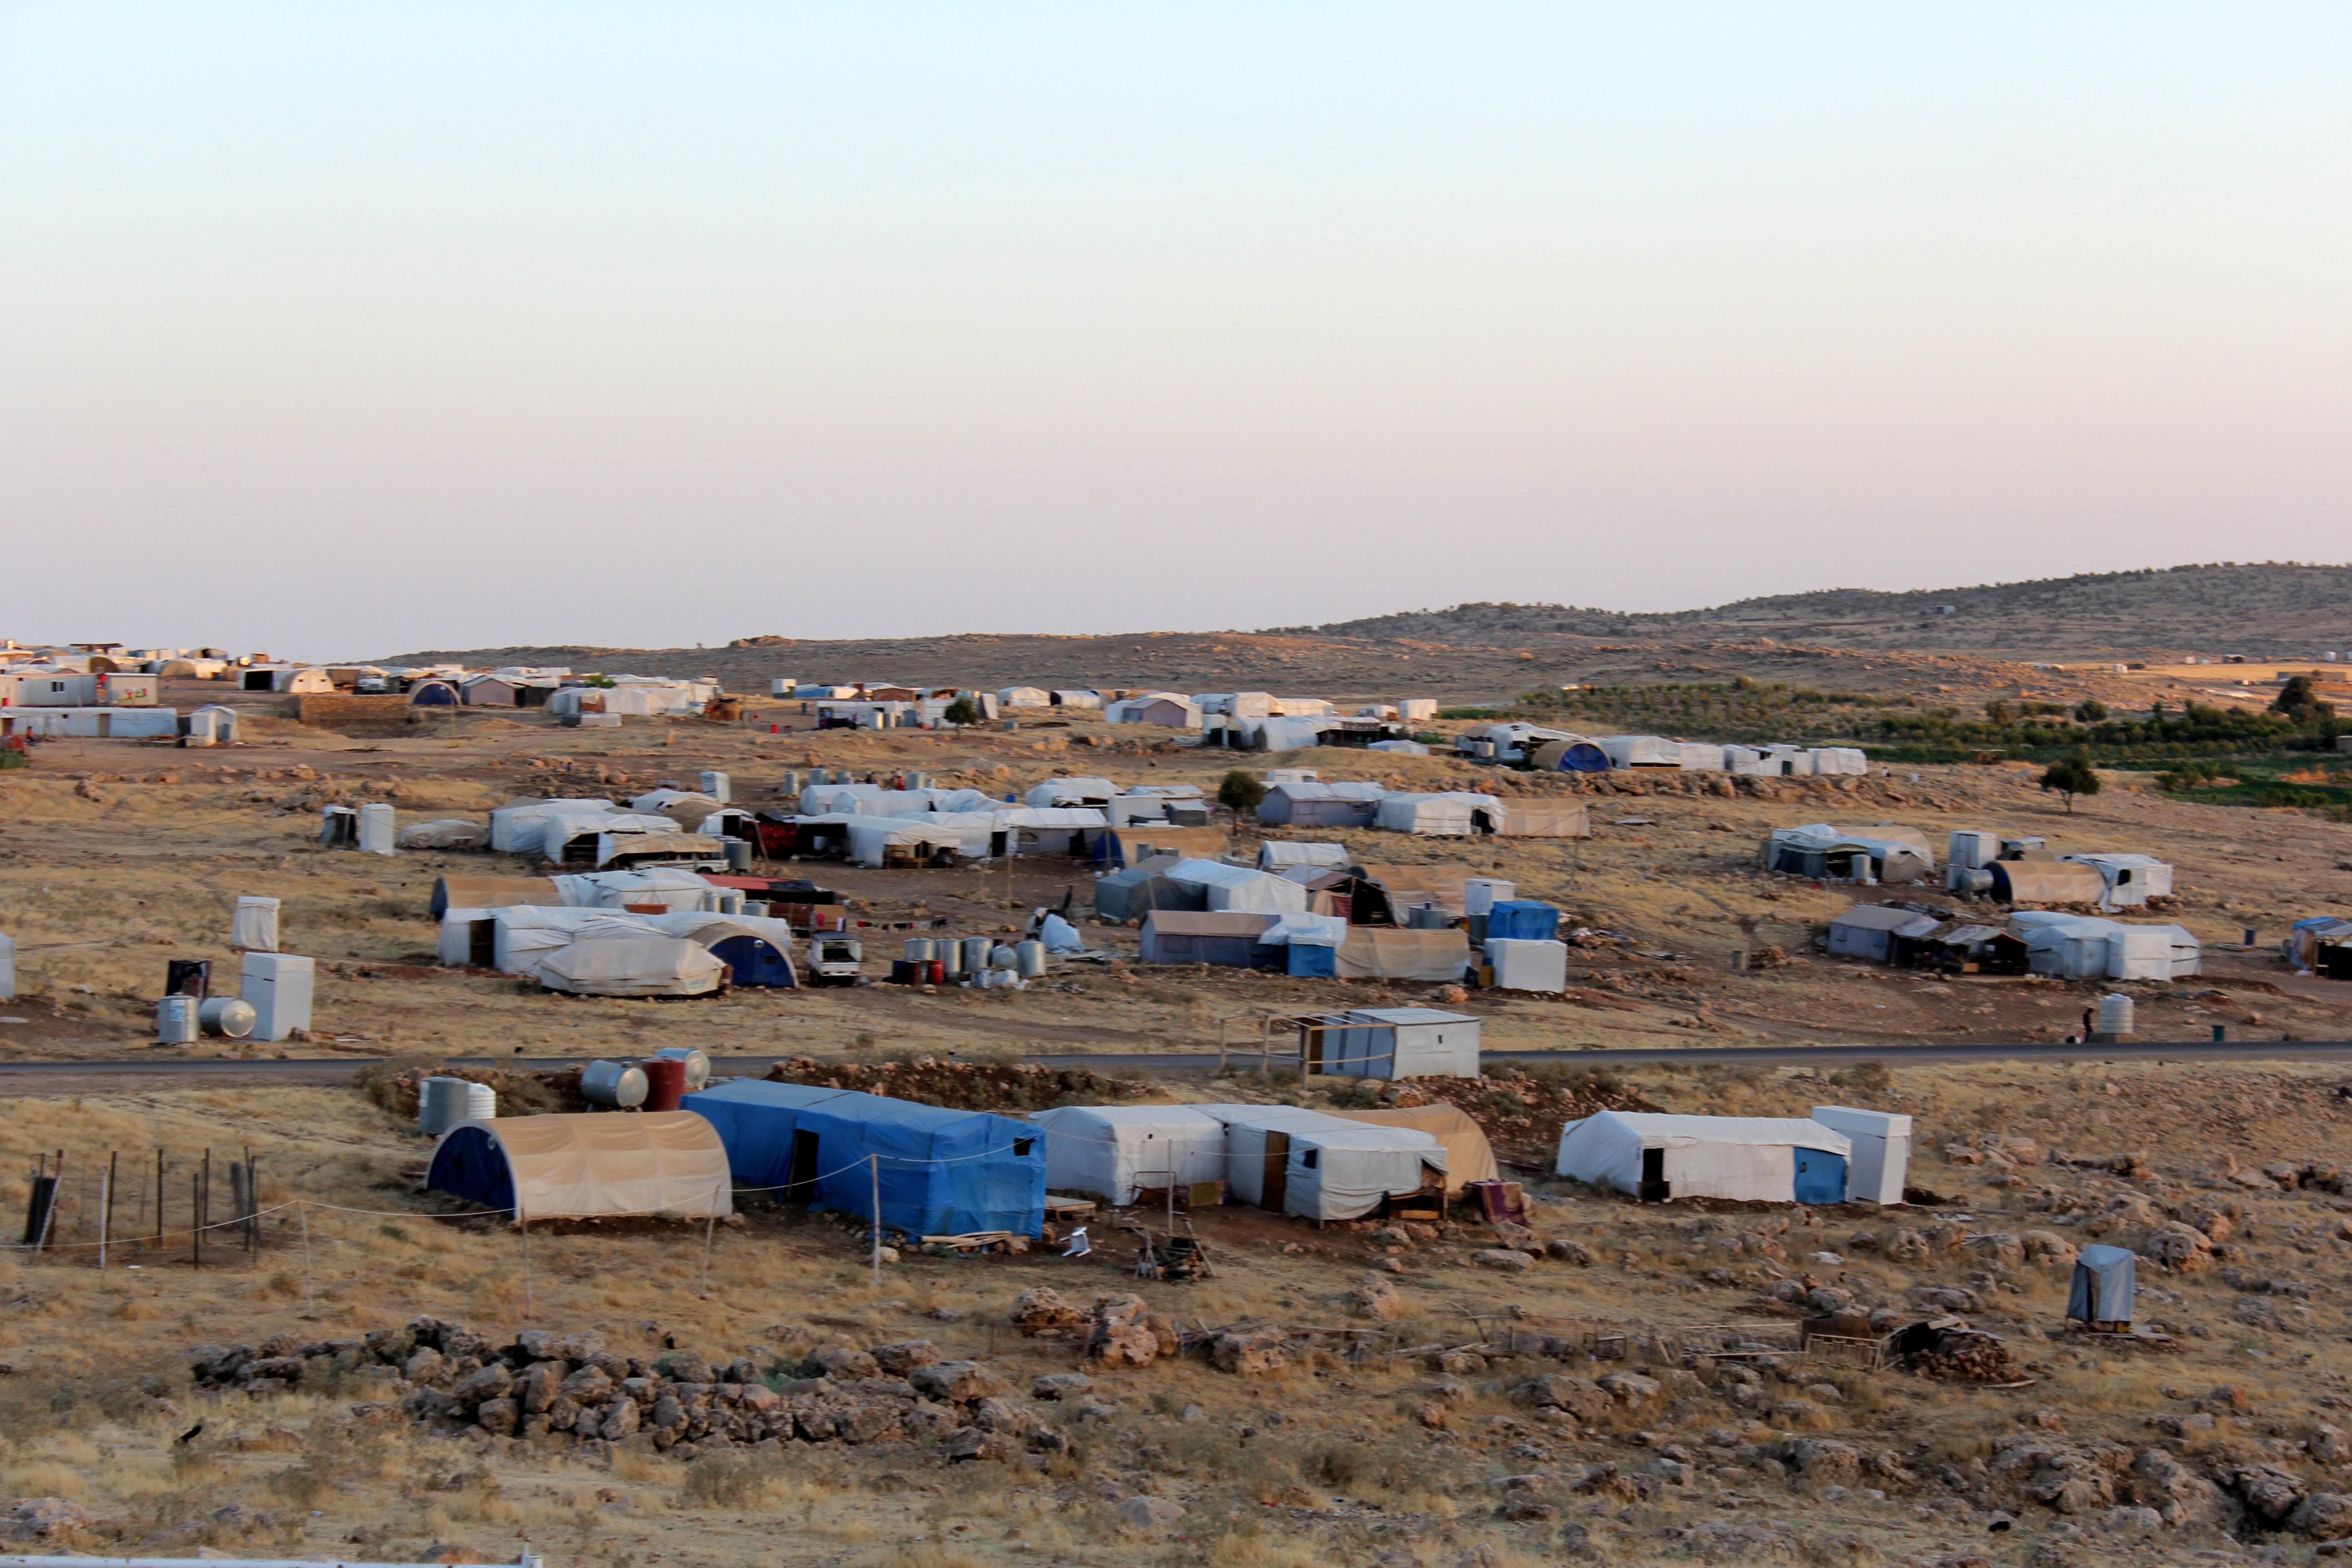 مخيم سردشت في جبل سنجار/ إرفع صوتك